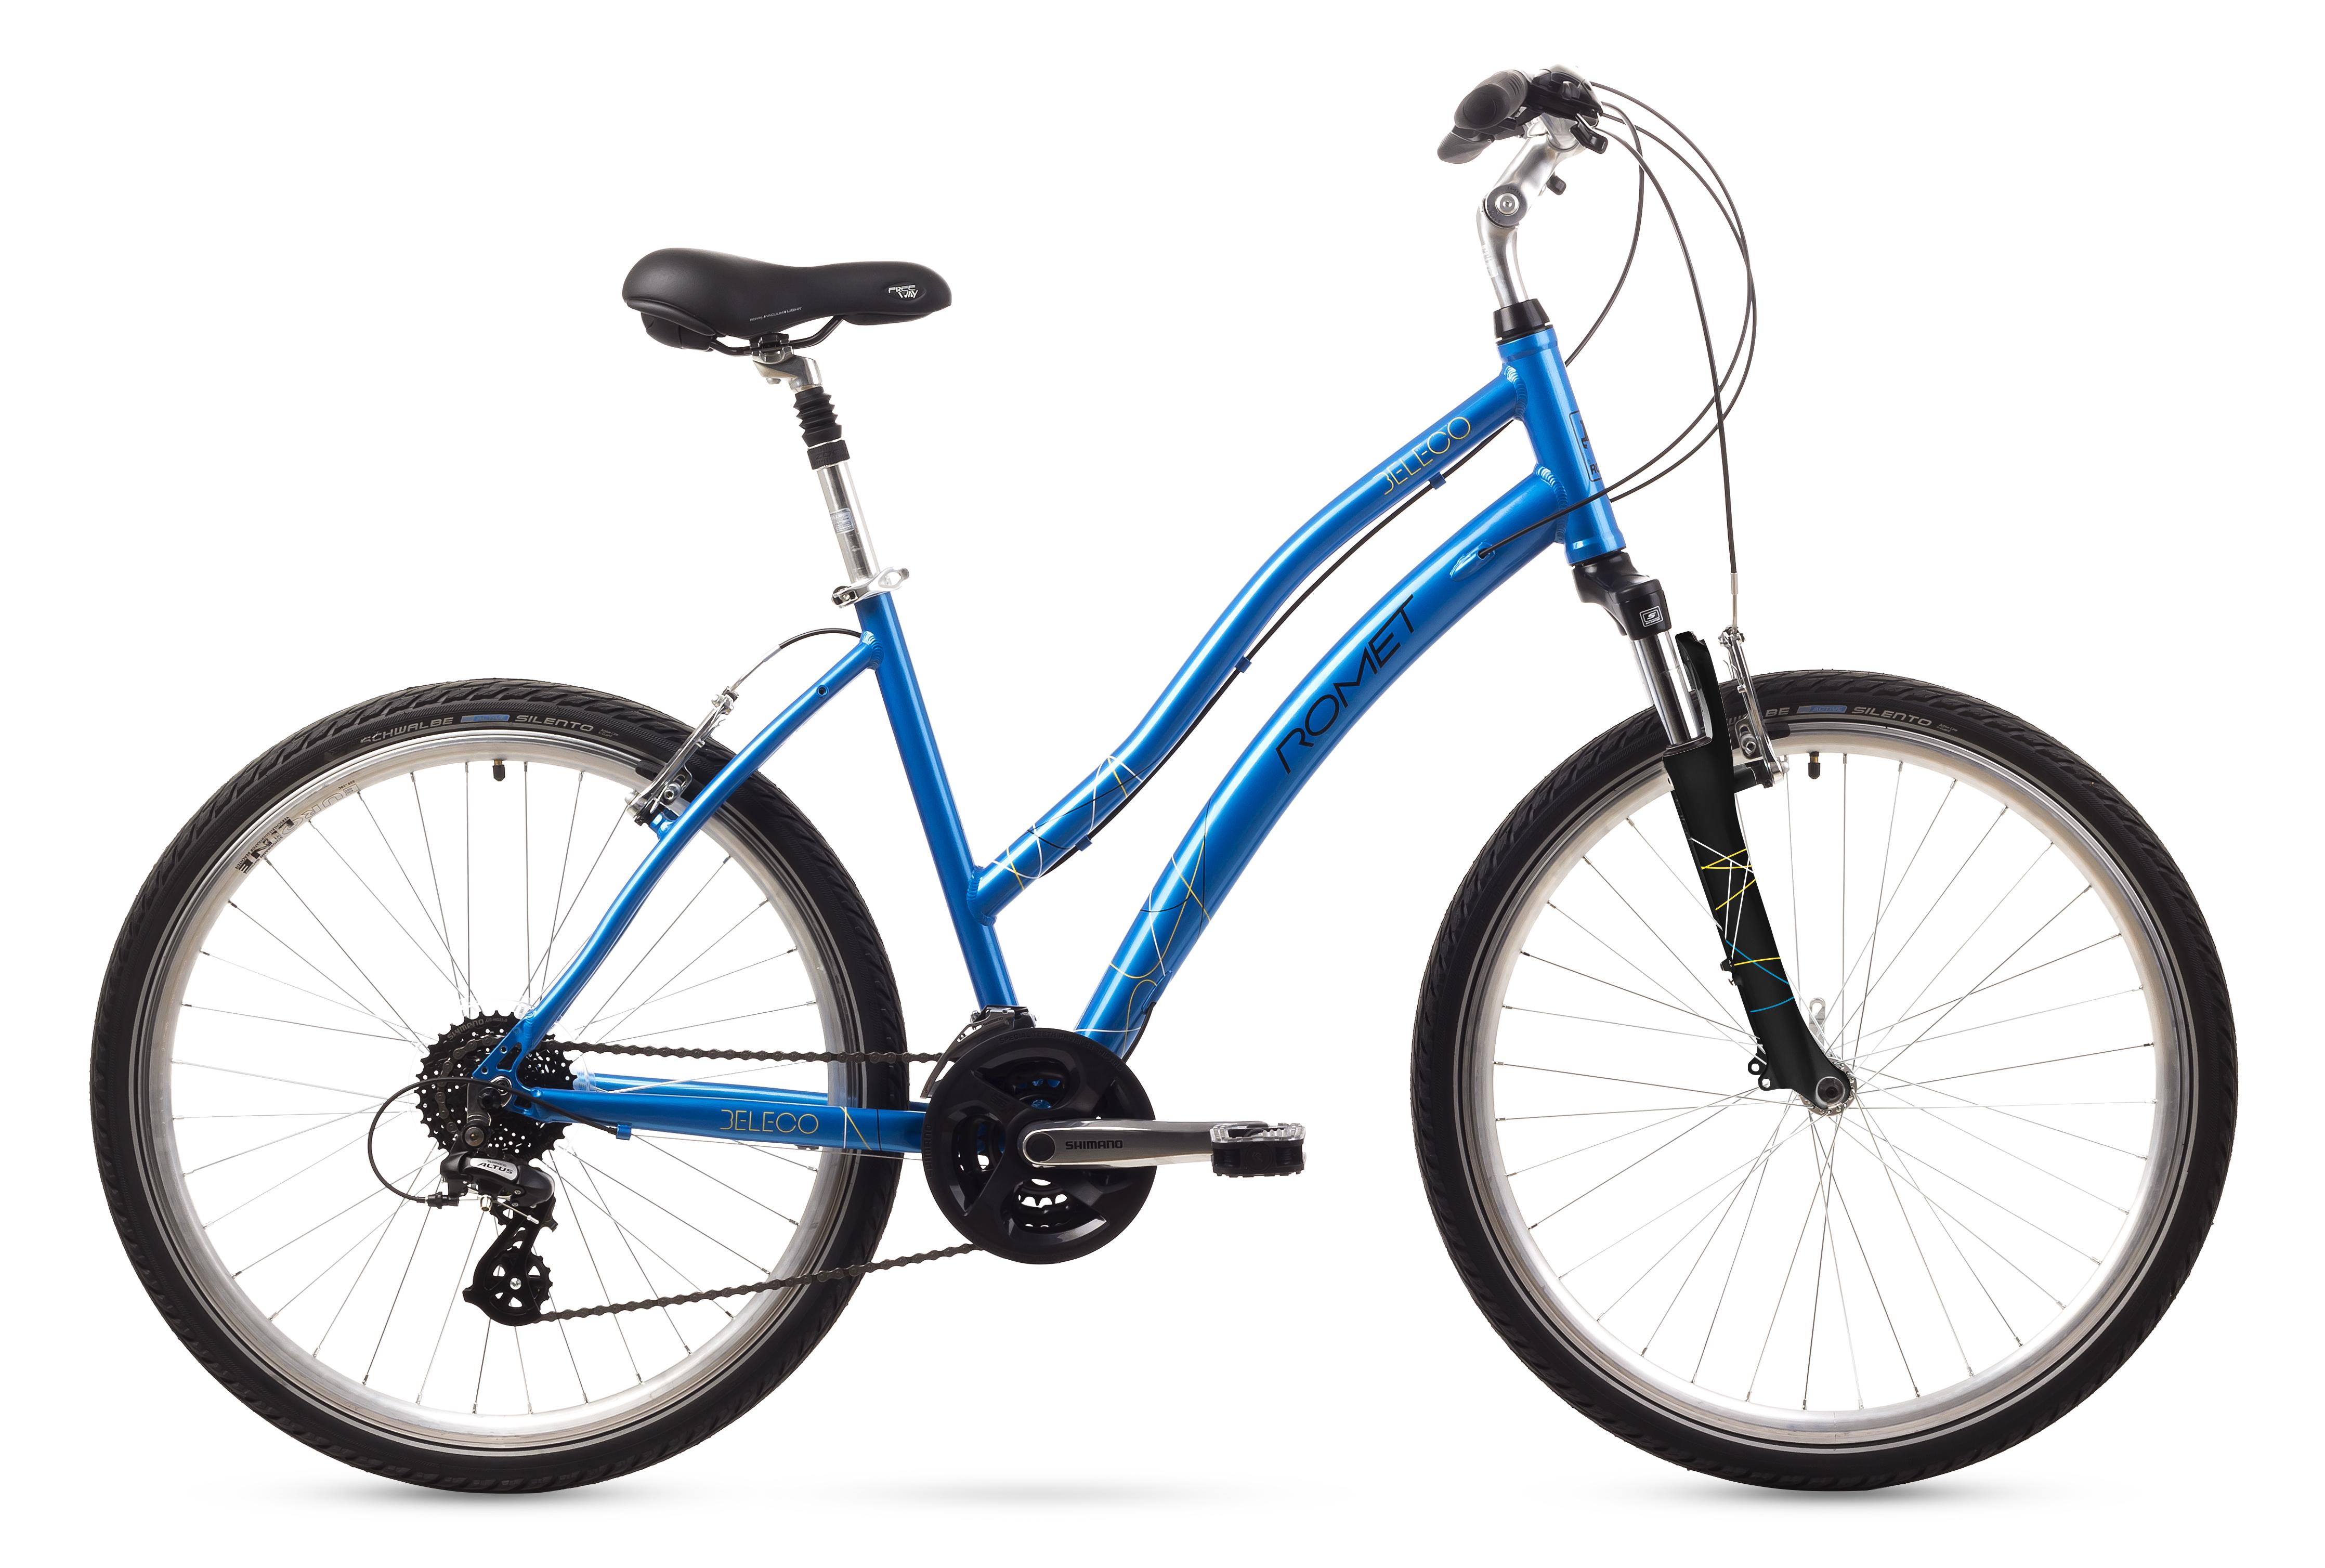 Bicicleta de oras Romet BELECO Albastru 2016 imagine